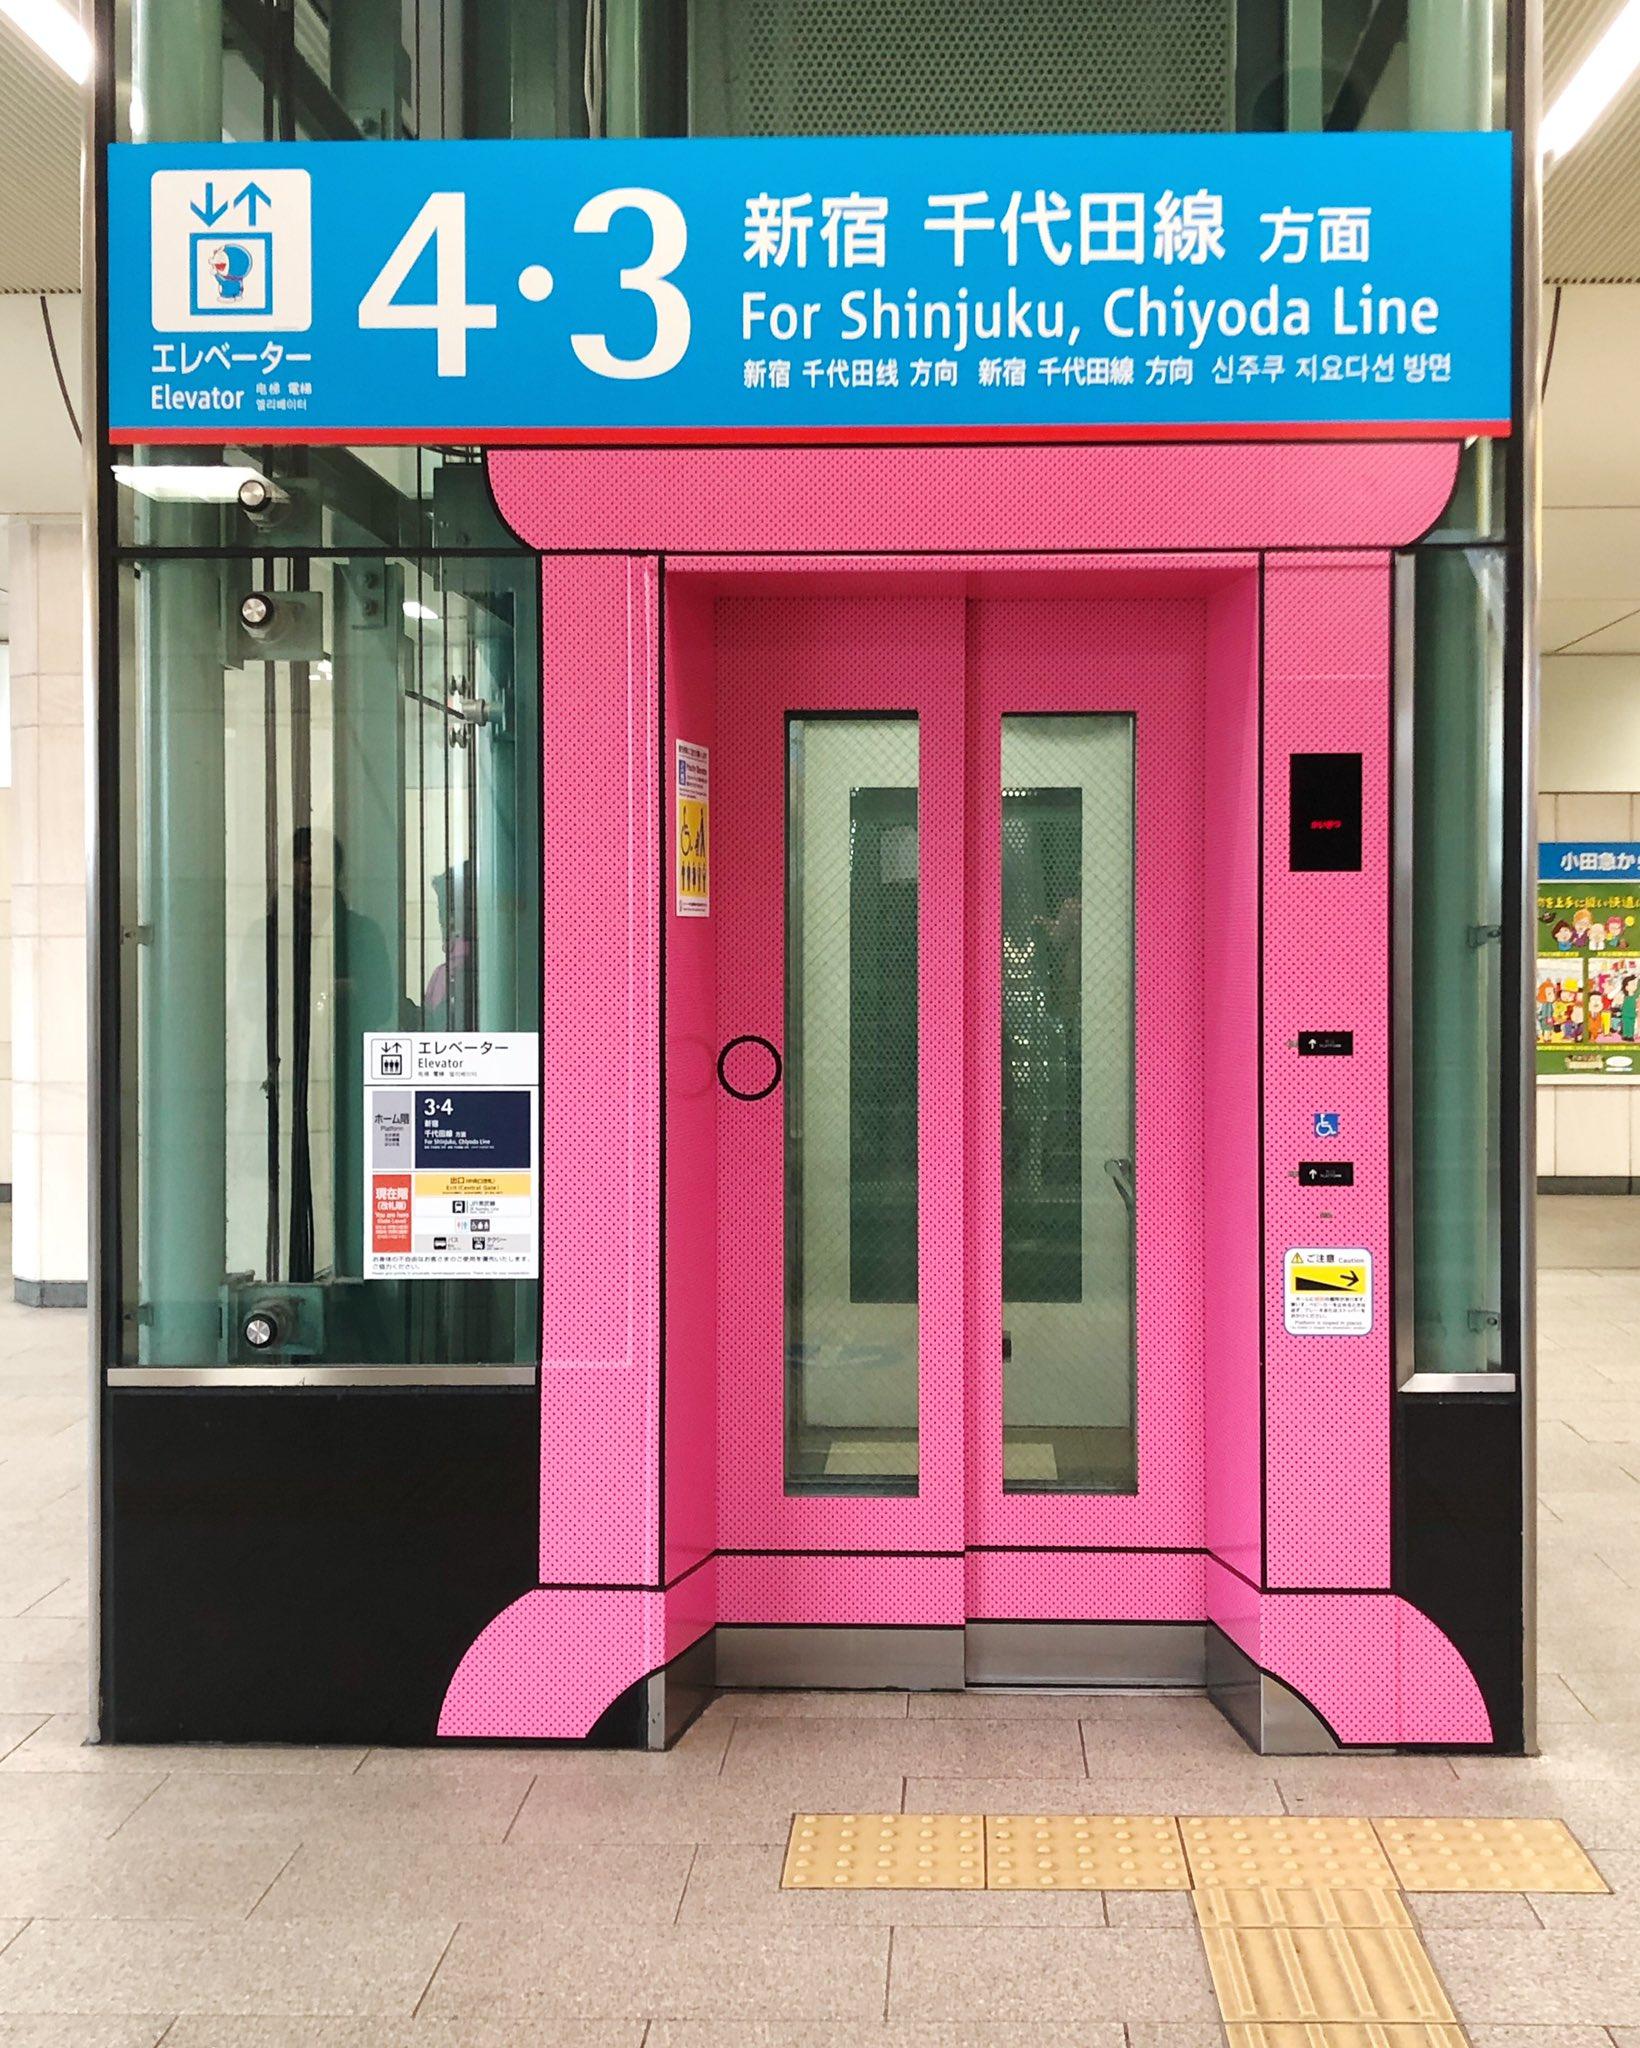 小田急 登戸駅のドラえもんサイン どこでもドア〜 上についているピクトにドラえもんが、 トイレのピクトも!